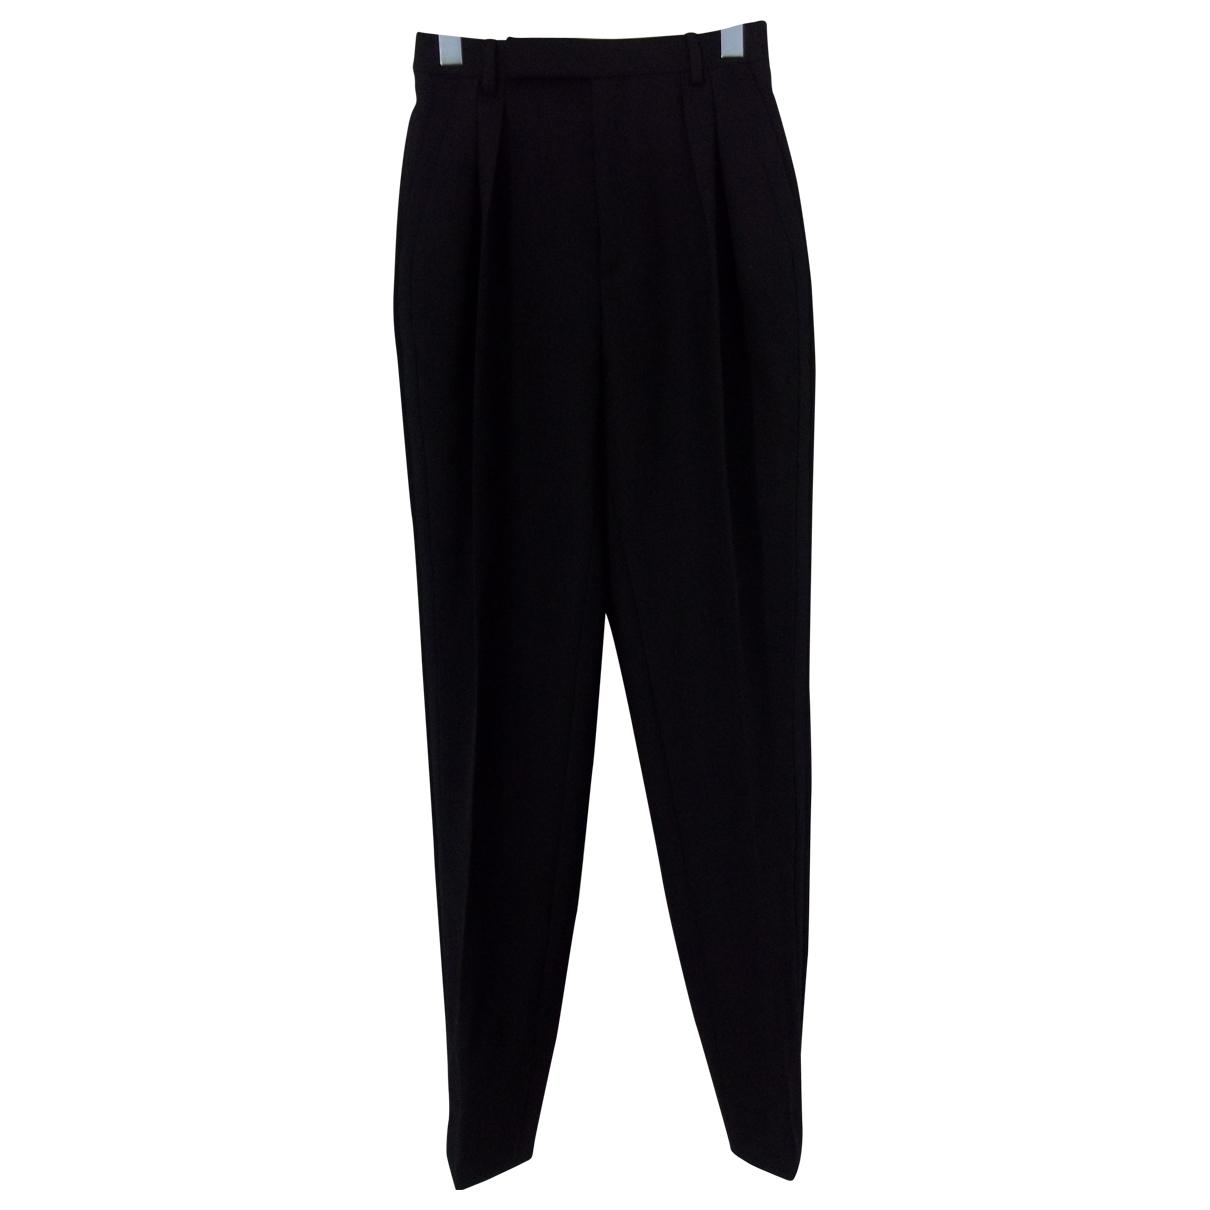 Celine \N Black Wool Trousers for Women 34 FR